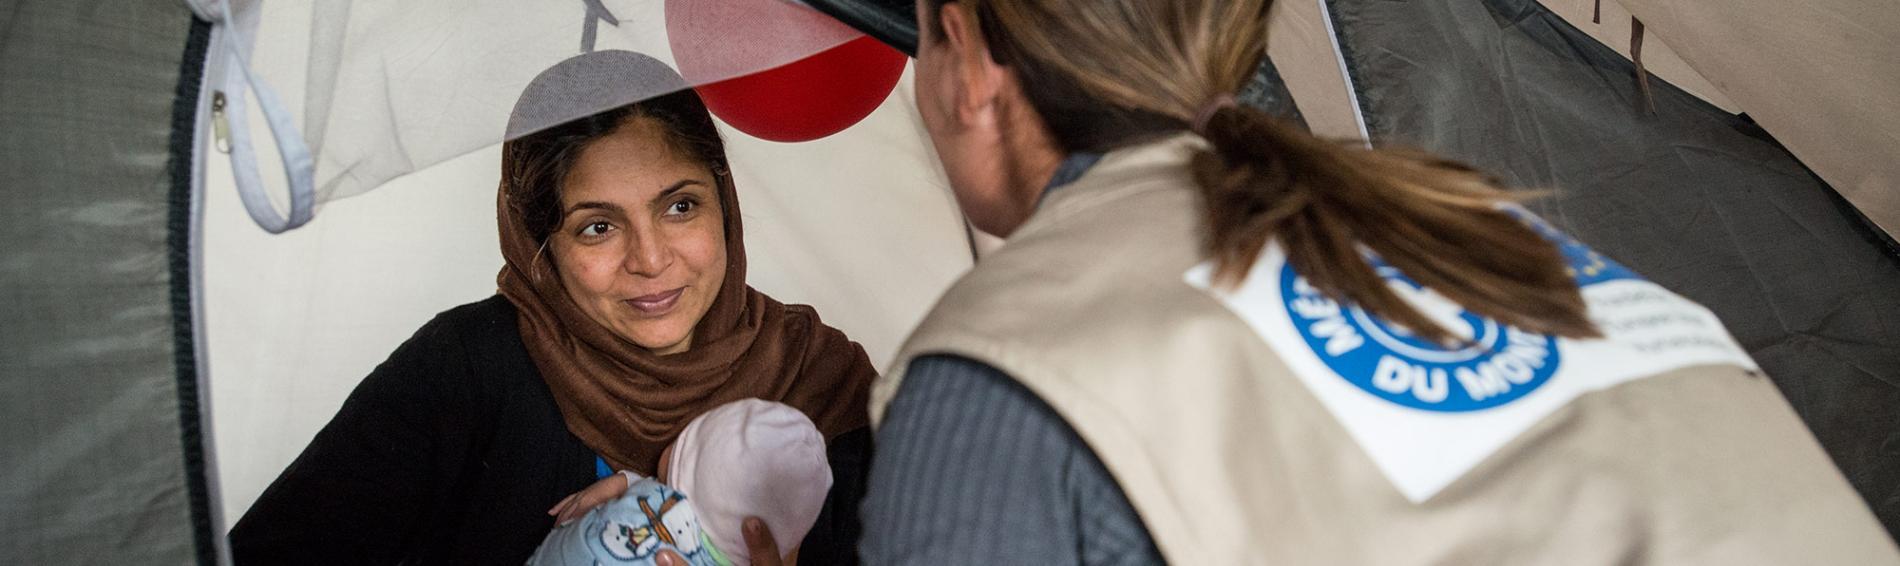 Immer mehr Frauen flüchten alleine mit ihren Kindern. Foto: Guillaume Pinon